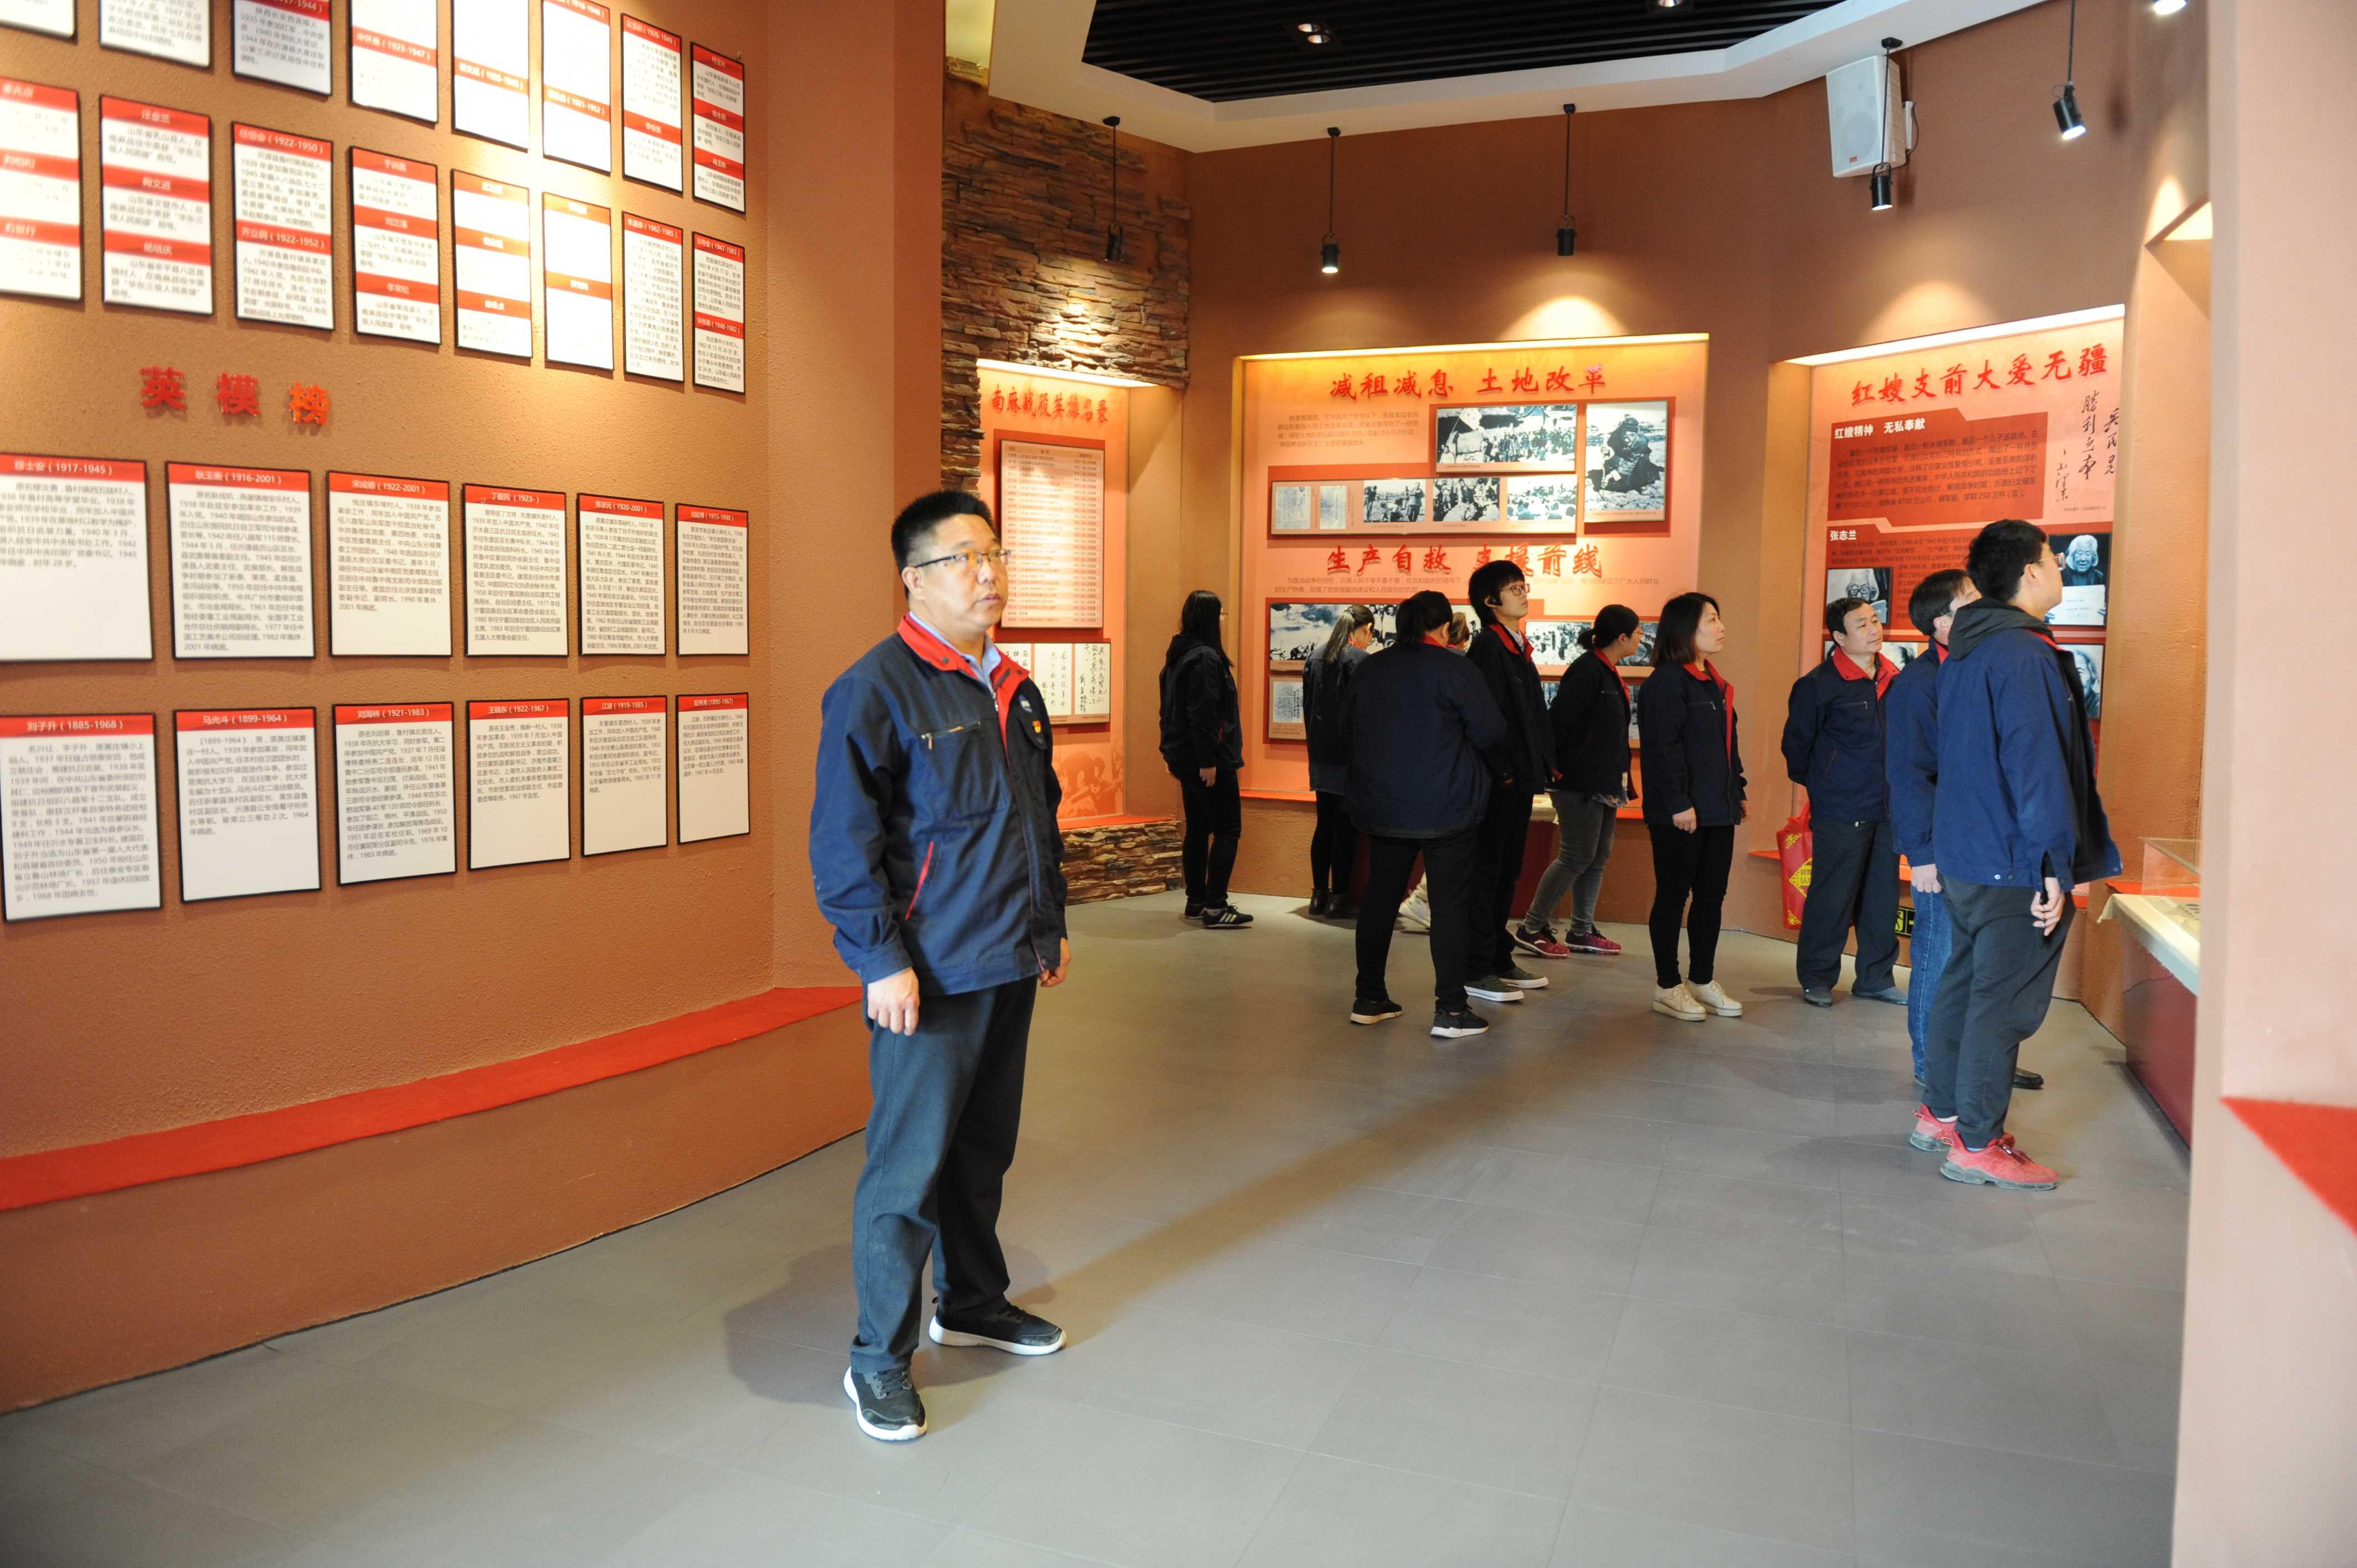 清明节-参观革命历史纪念馆